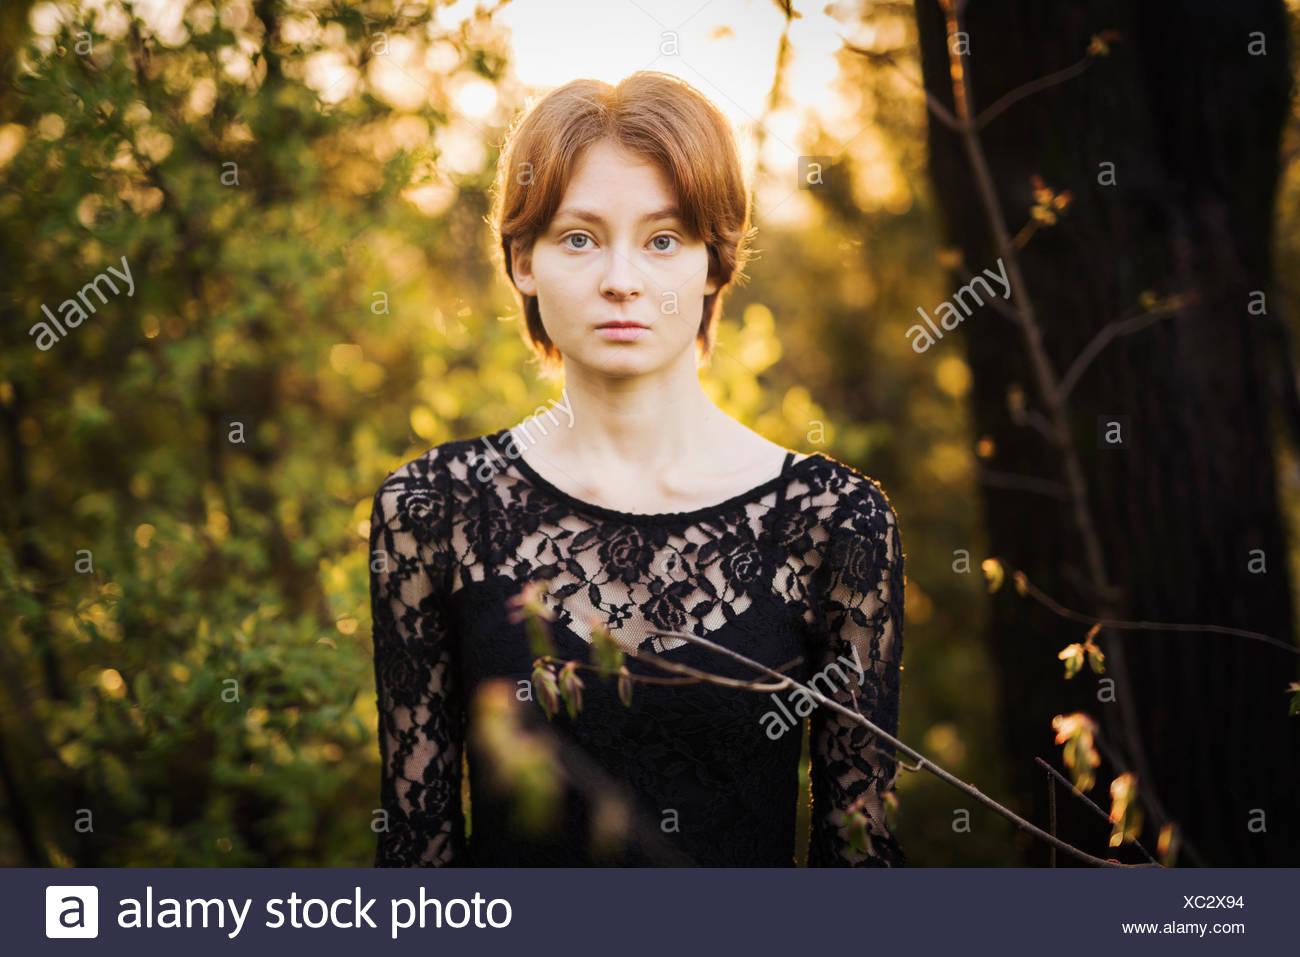 Finlandia, en el suroeste de Finlandia, Retrato de una joven en el bosque Foto de stock